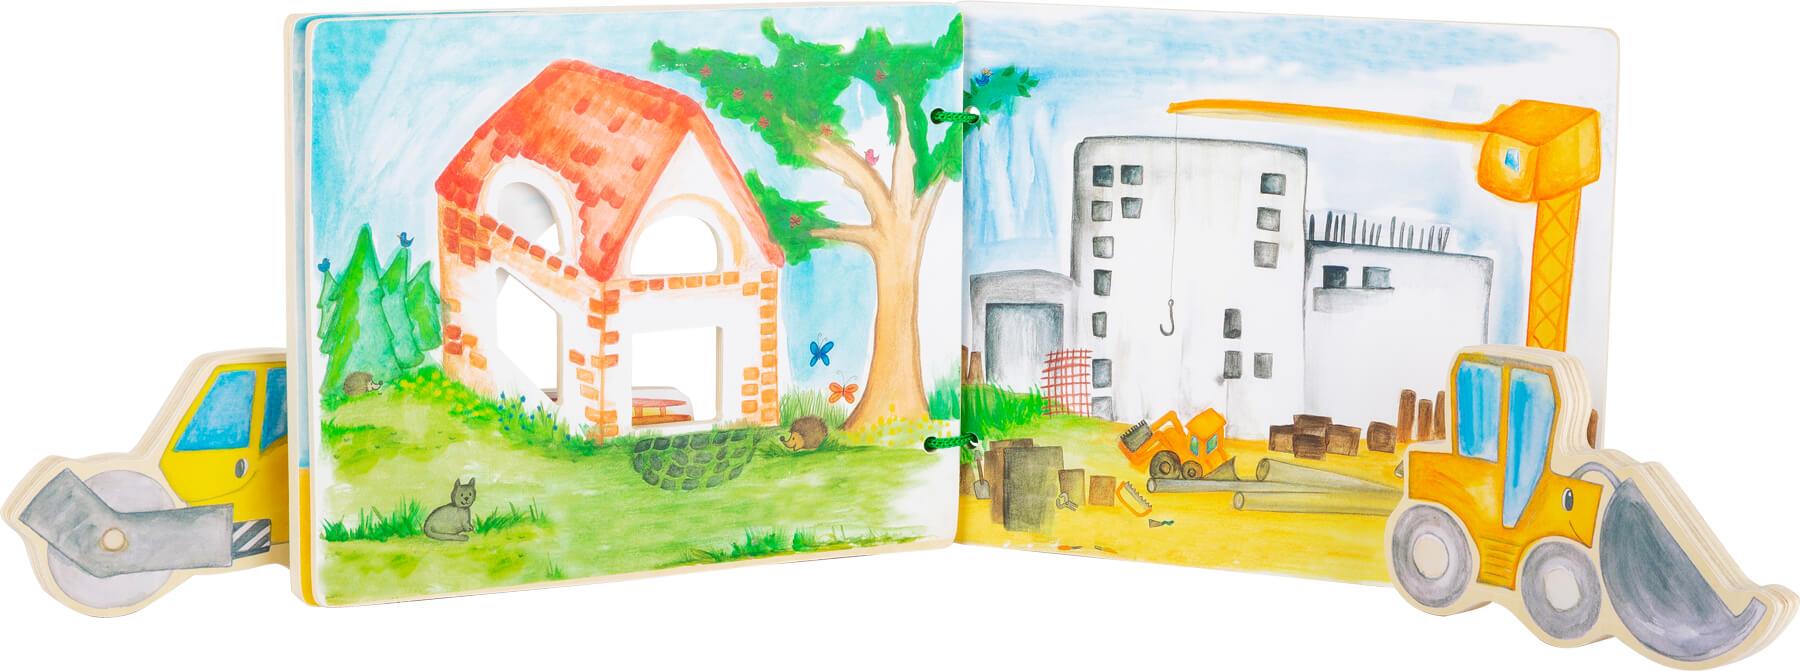 Legler 12039 Holzbilderbuch Baustelle